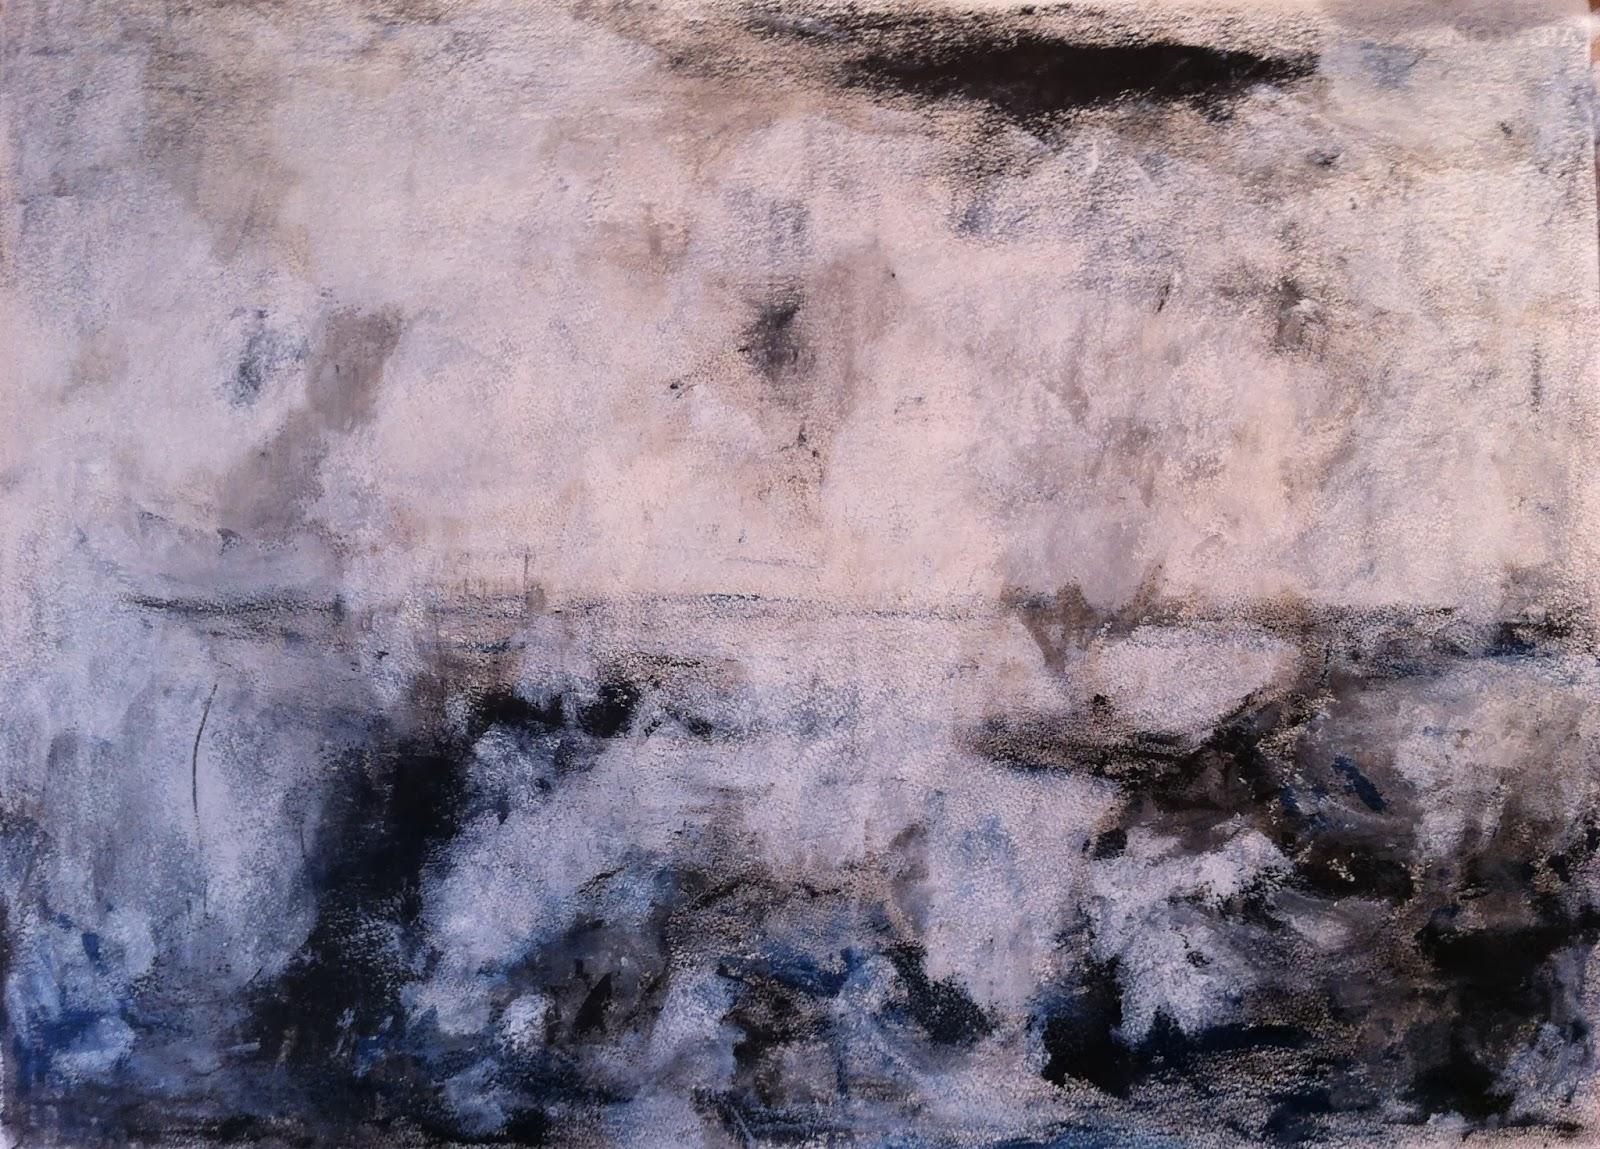 N°502 - Tempête - Acrylique sur papier - 65 x 76 cm - 19 juillet 2013